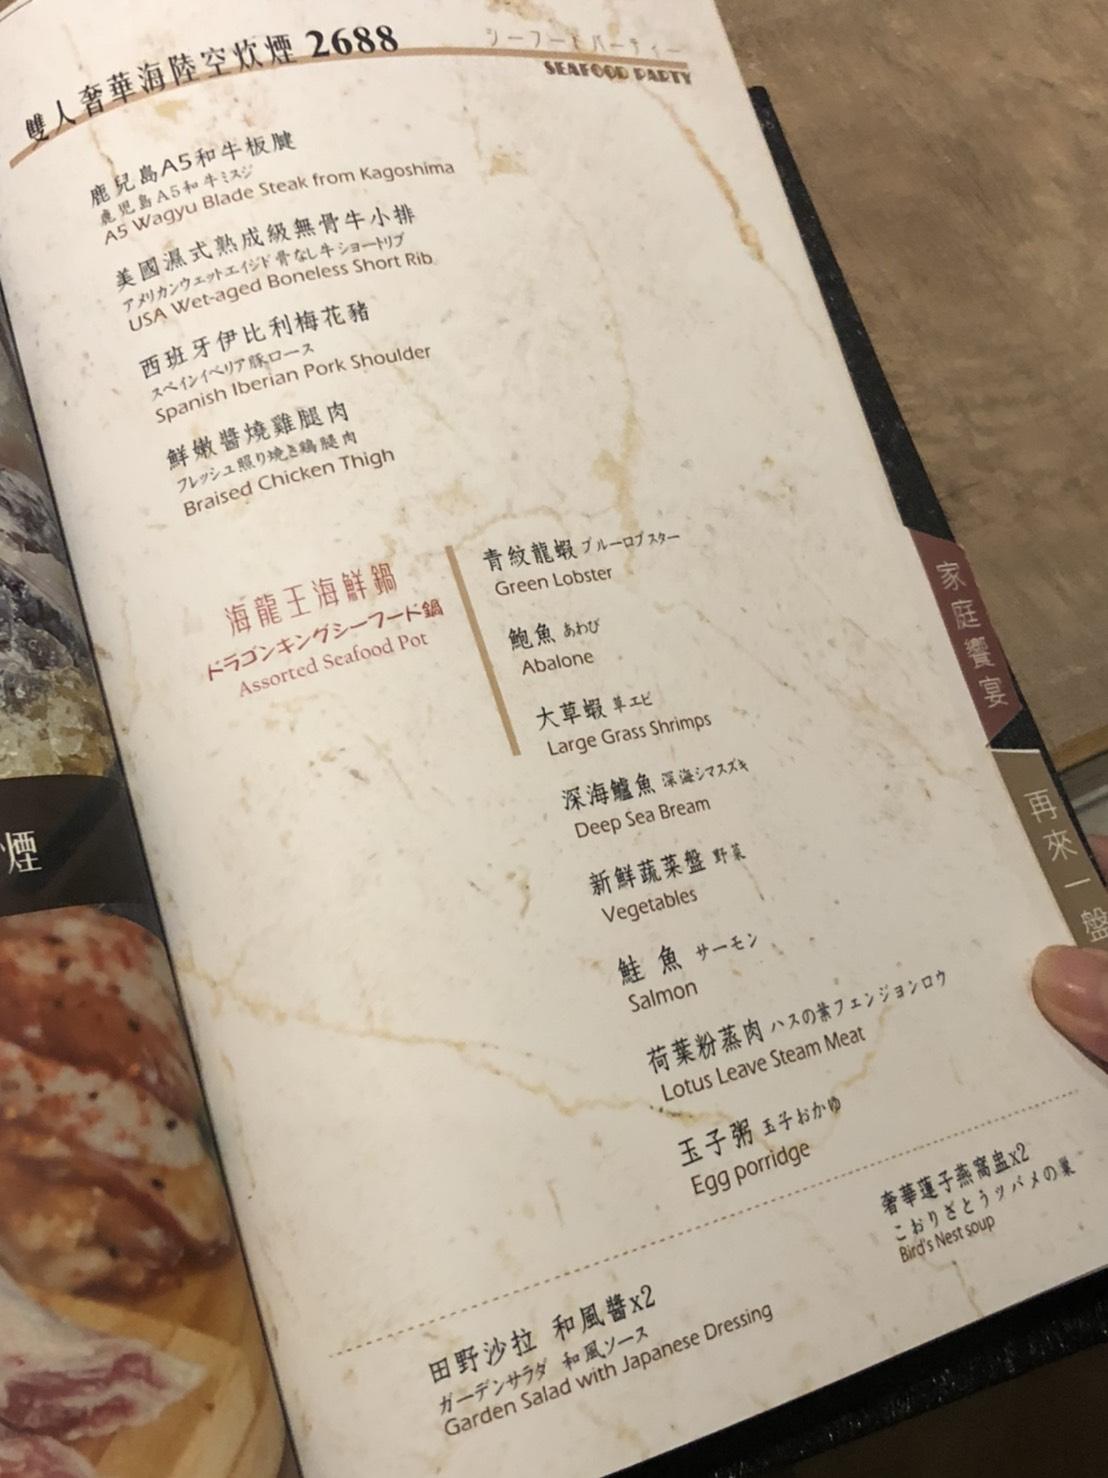 [高雄燒肉推薦]宮鶴炙燒專門店-高雄燒肉店賣鮭魚生魚片拉麵!?超嗨超好吃雙人奢華海陸空炊煙 @美食好芃友